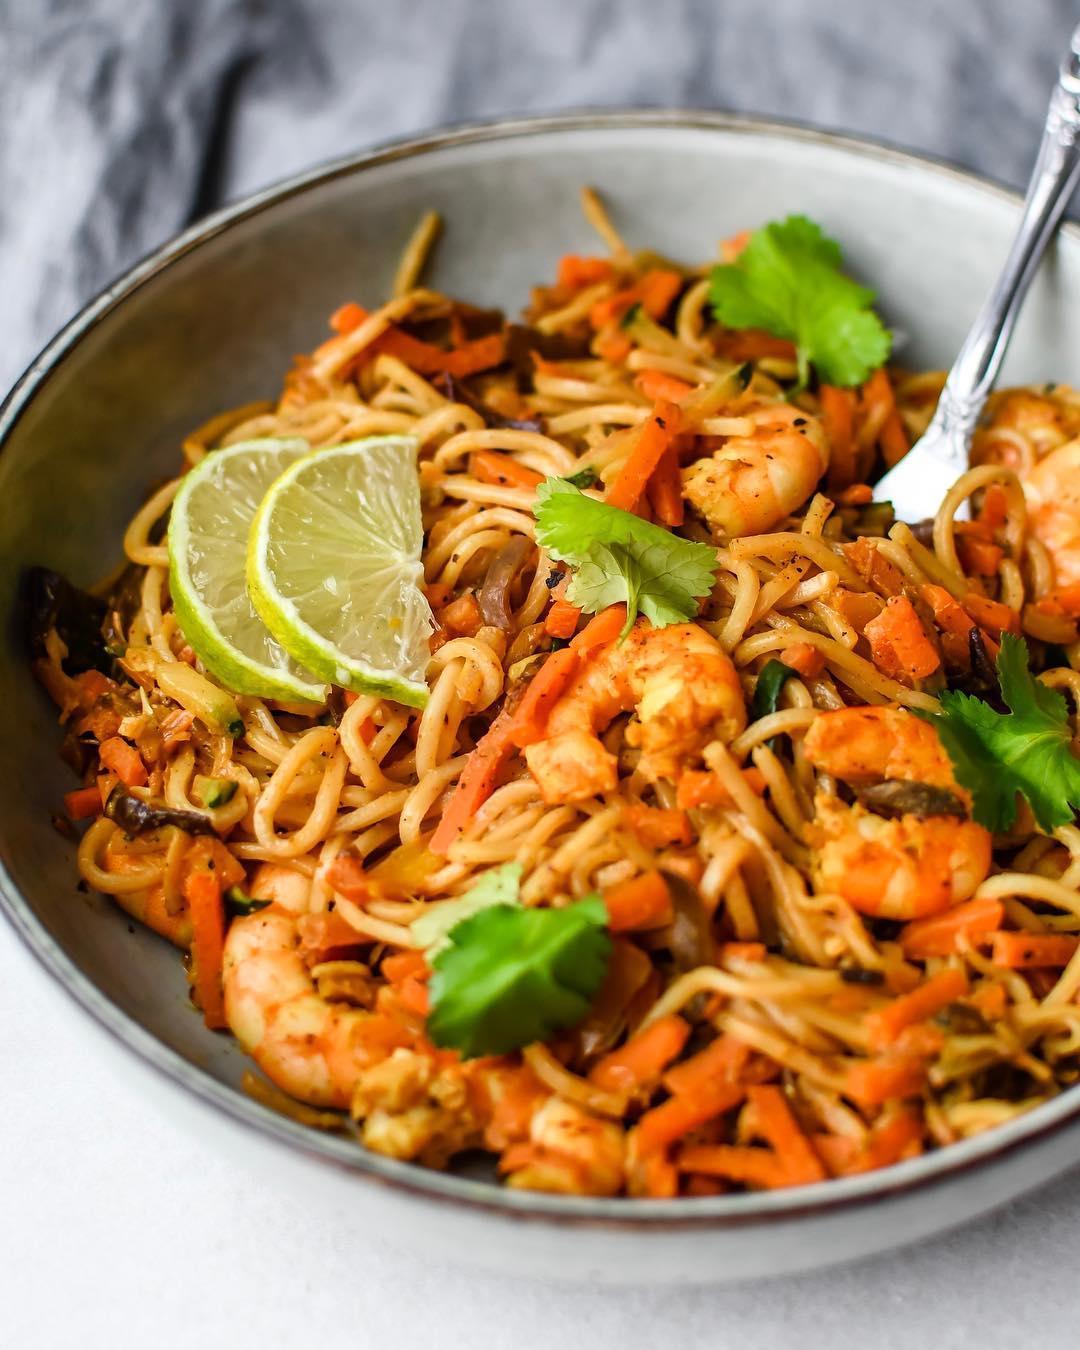 Image De Plat De Cuisine nouilles sautées aux crevettes lunchtime de ce midi un bon